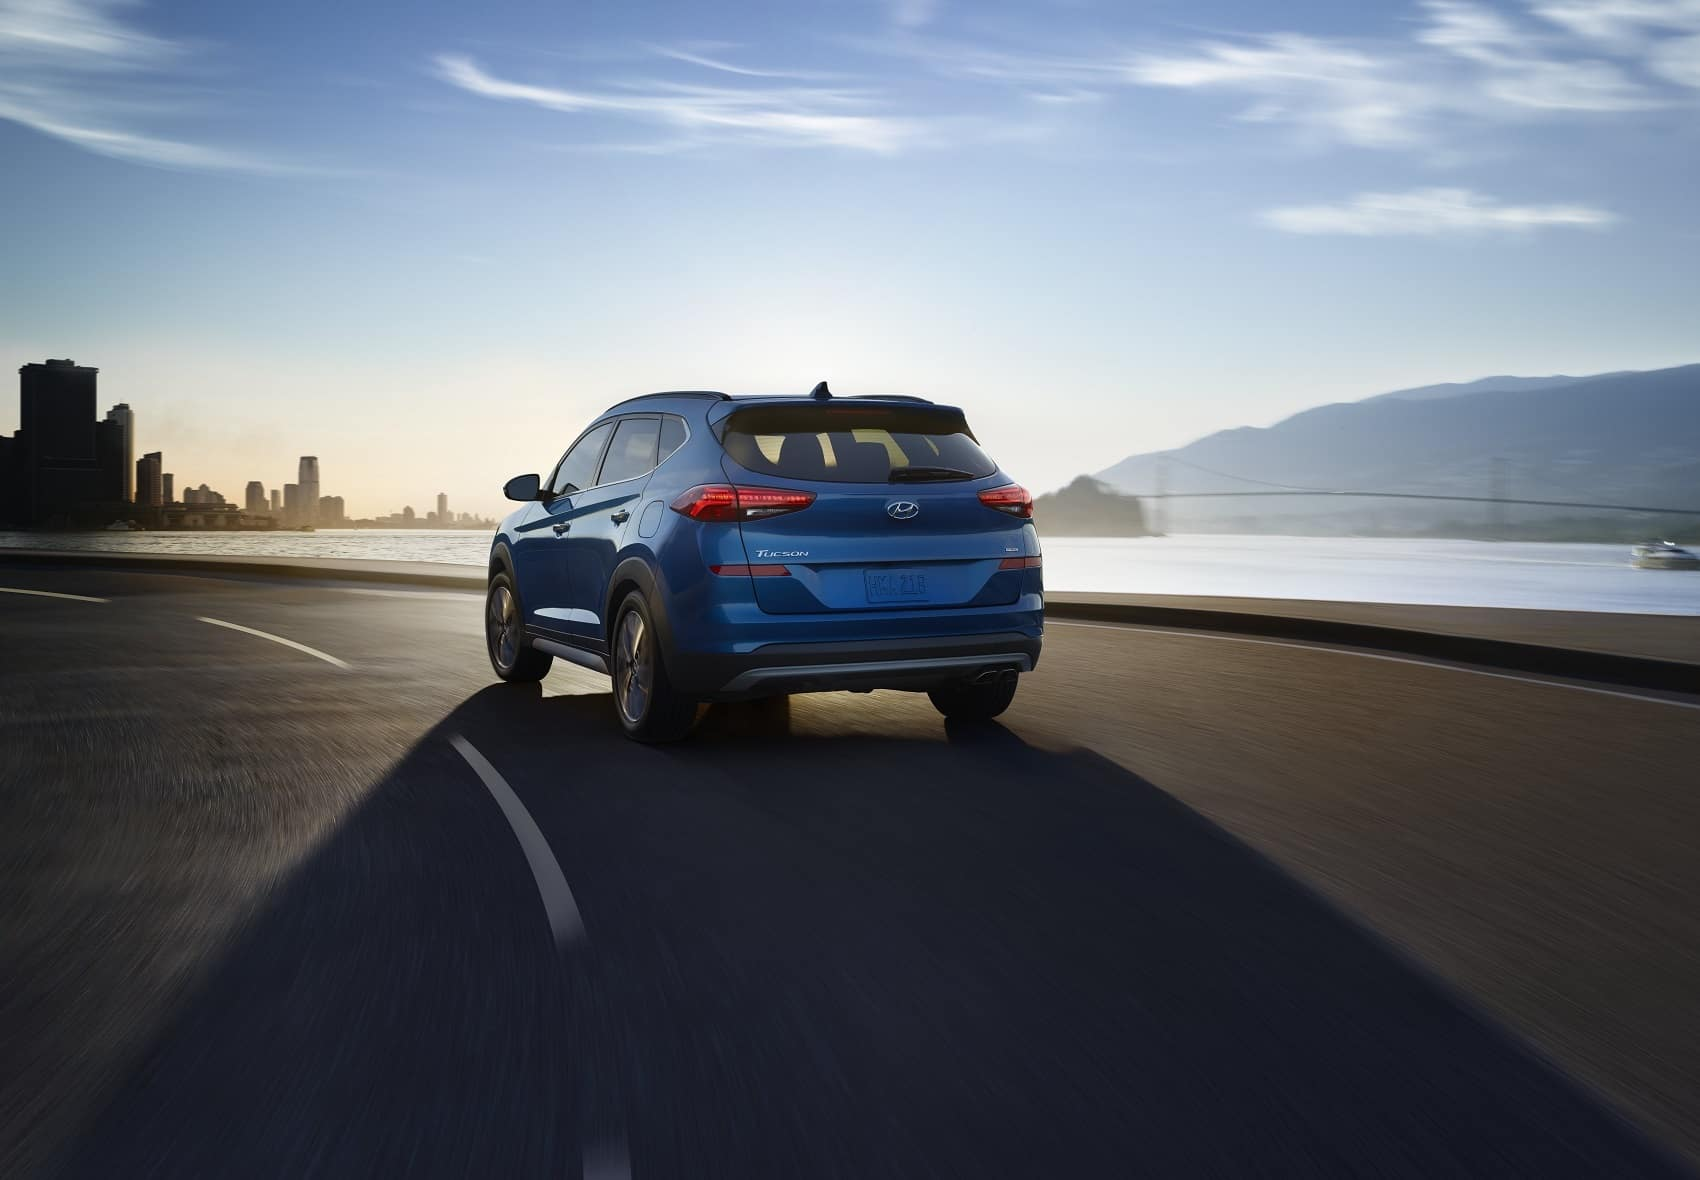 2019 Hyundai Tuscon Blue